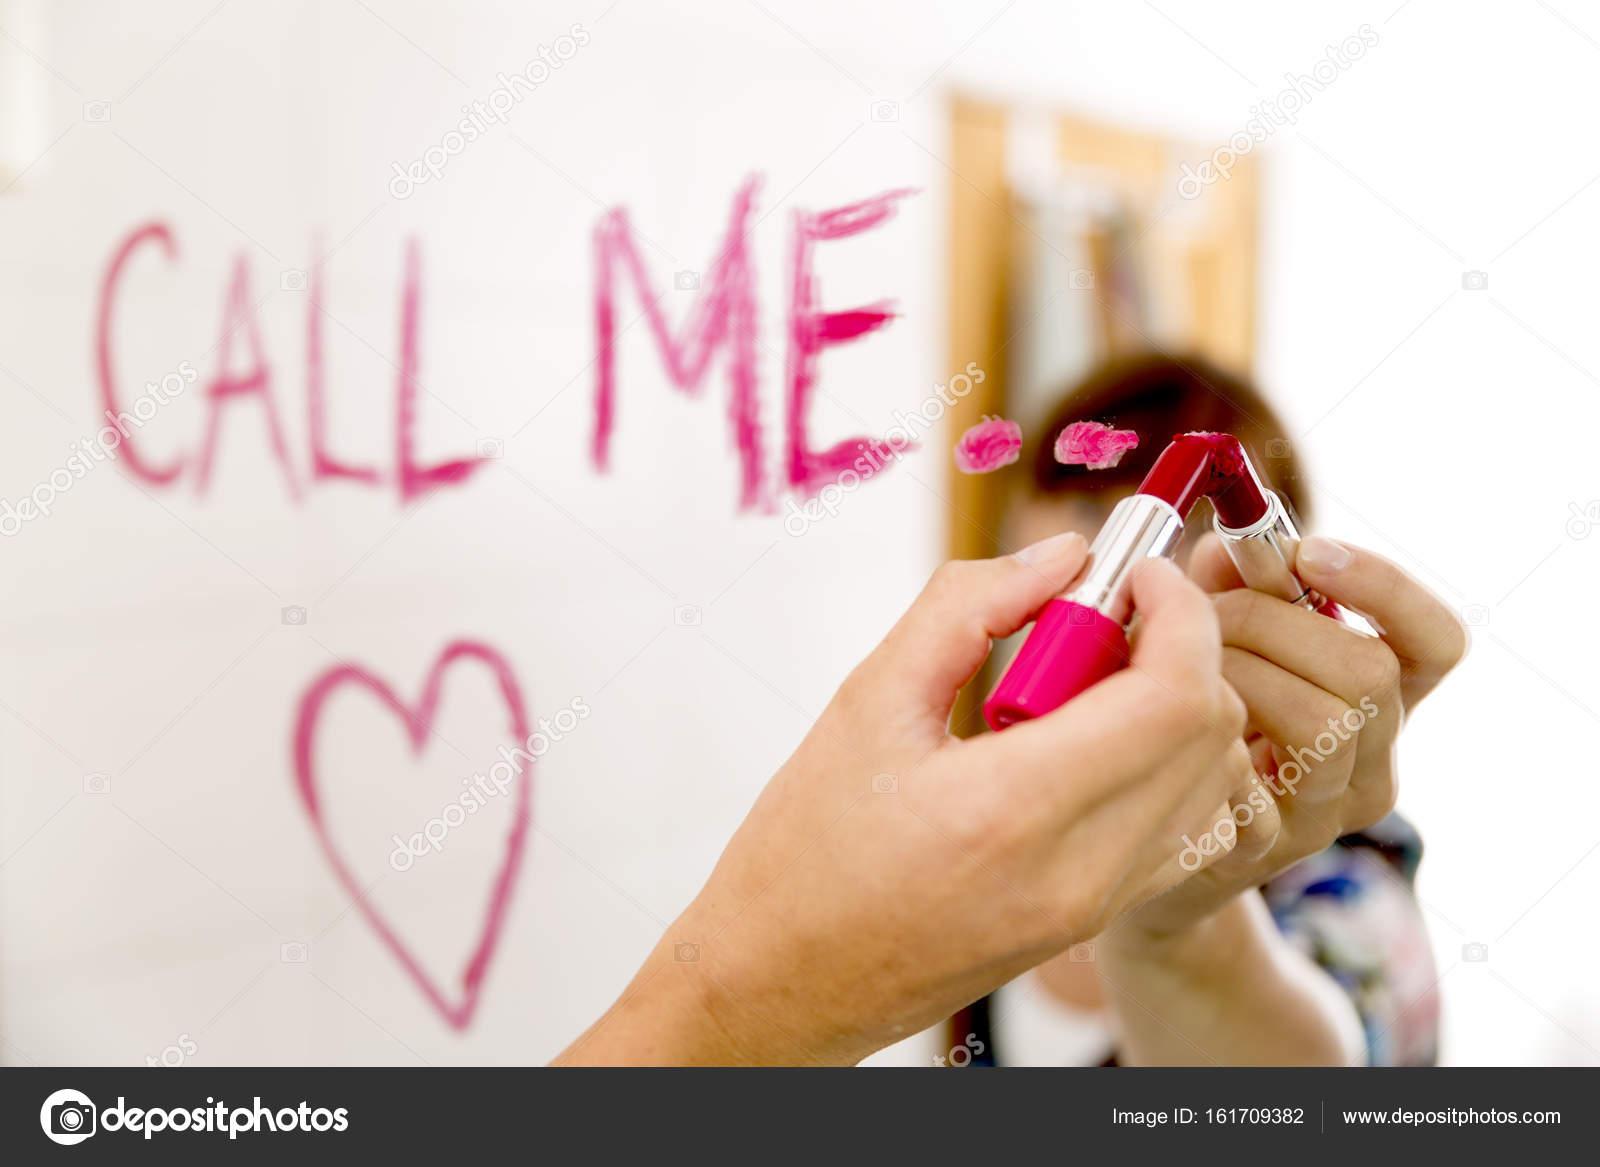 καθρέφτης σε απευθείας σύνδεση dating σε ποια ηλικία ο Τζάστιν Μπίμπερ και η Σελίνα Γκόμεζ αρχίζουν να βγαίνουν